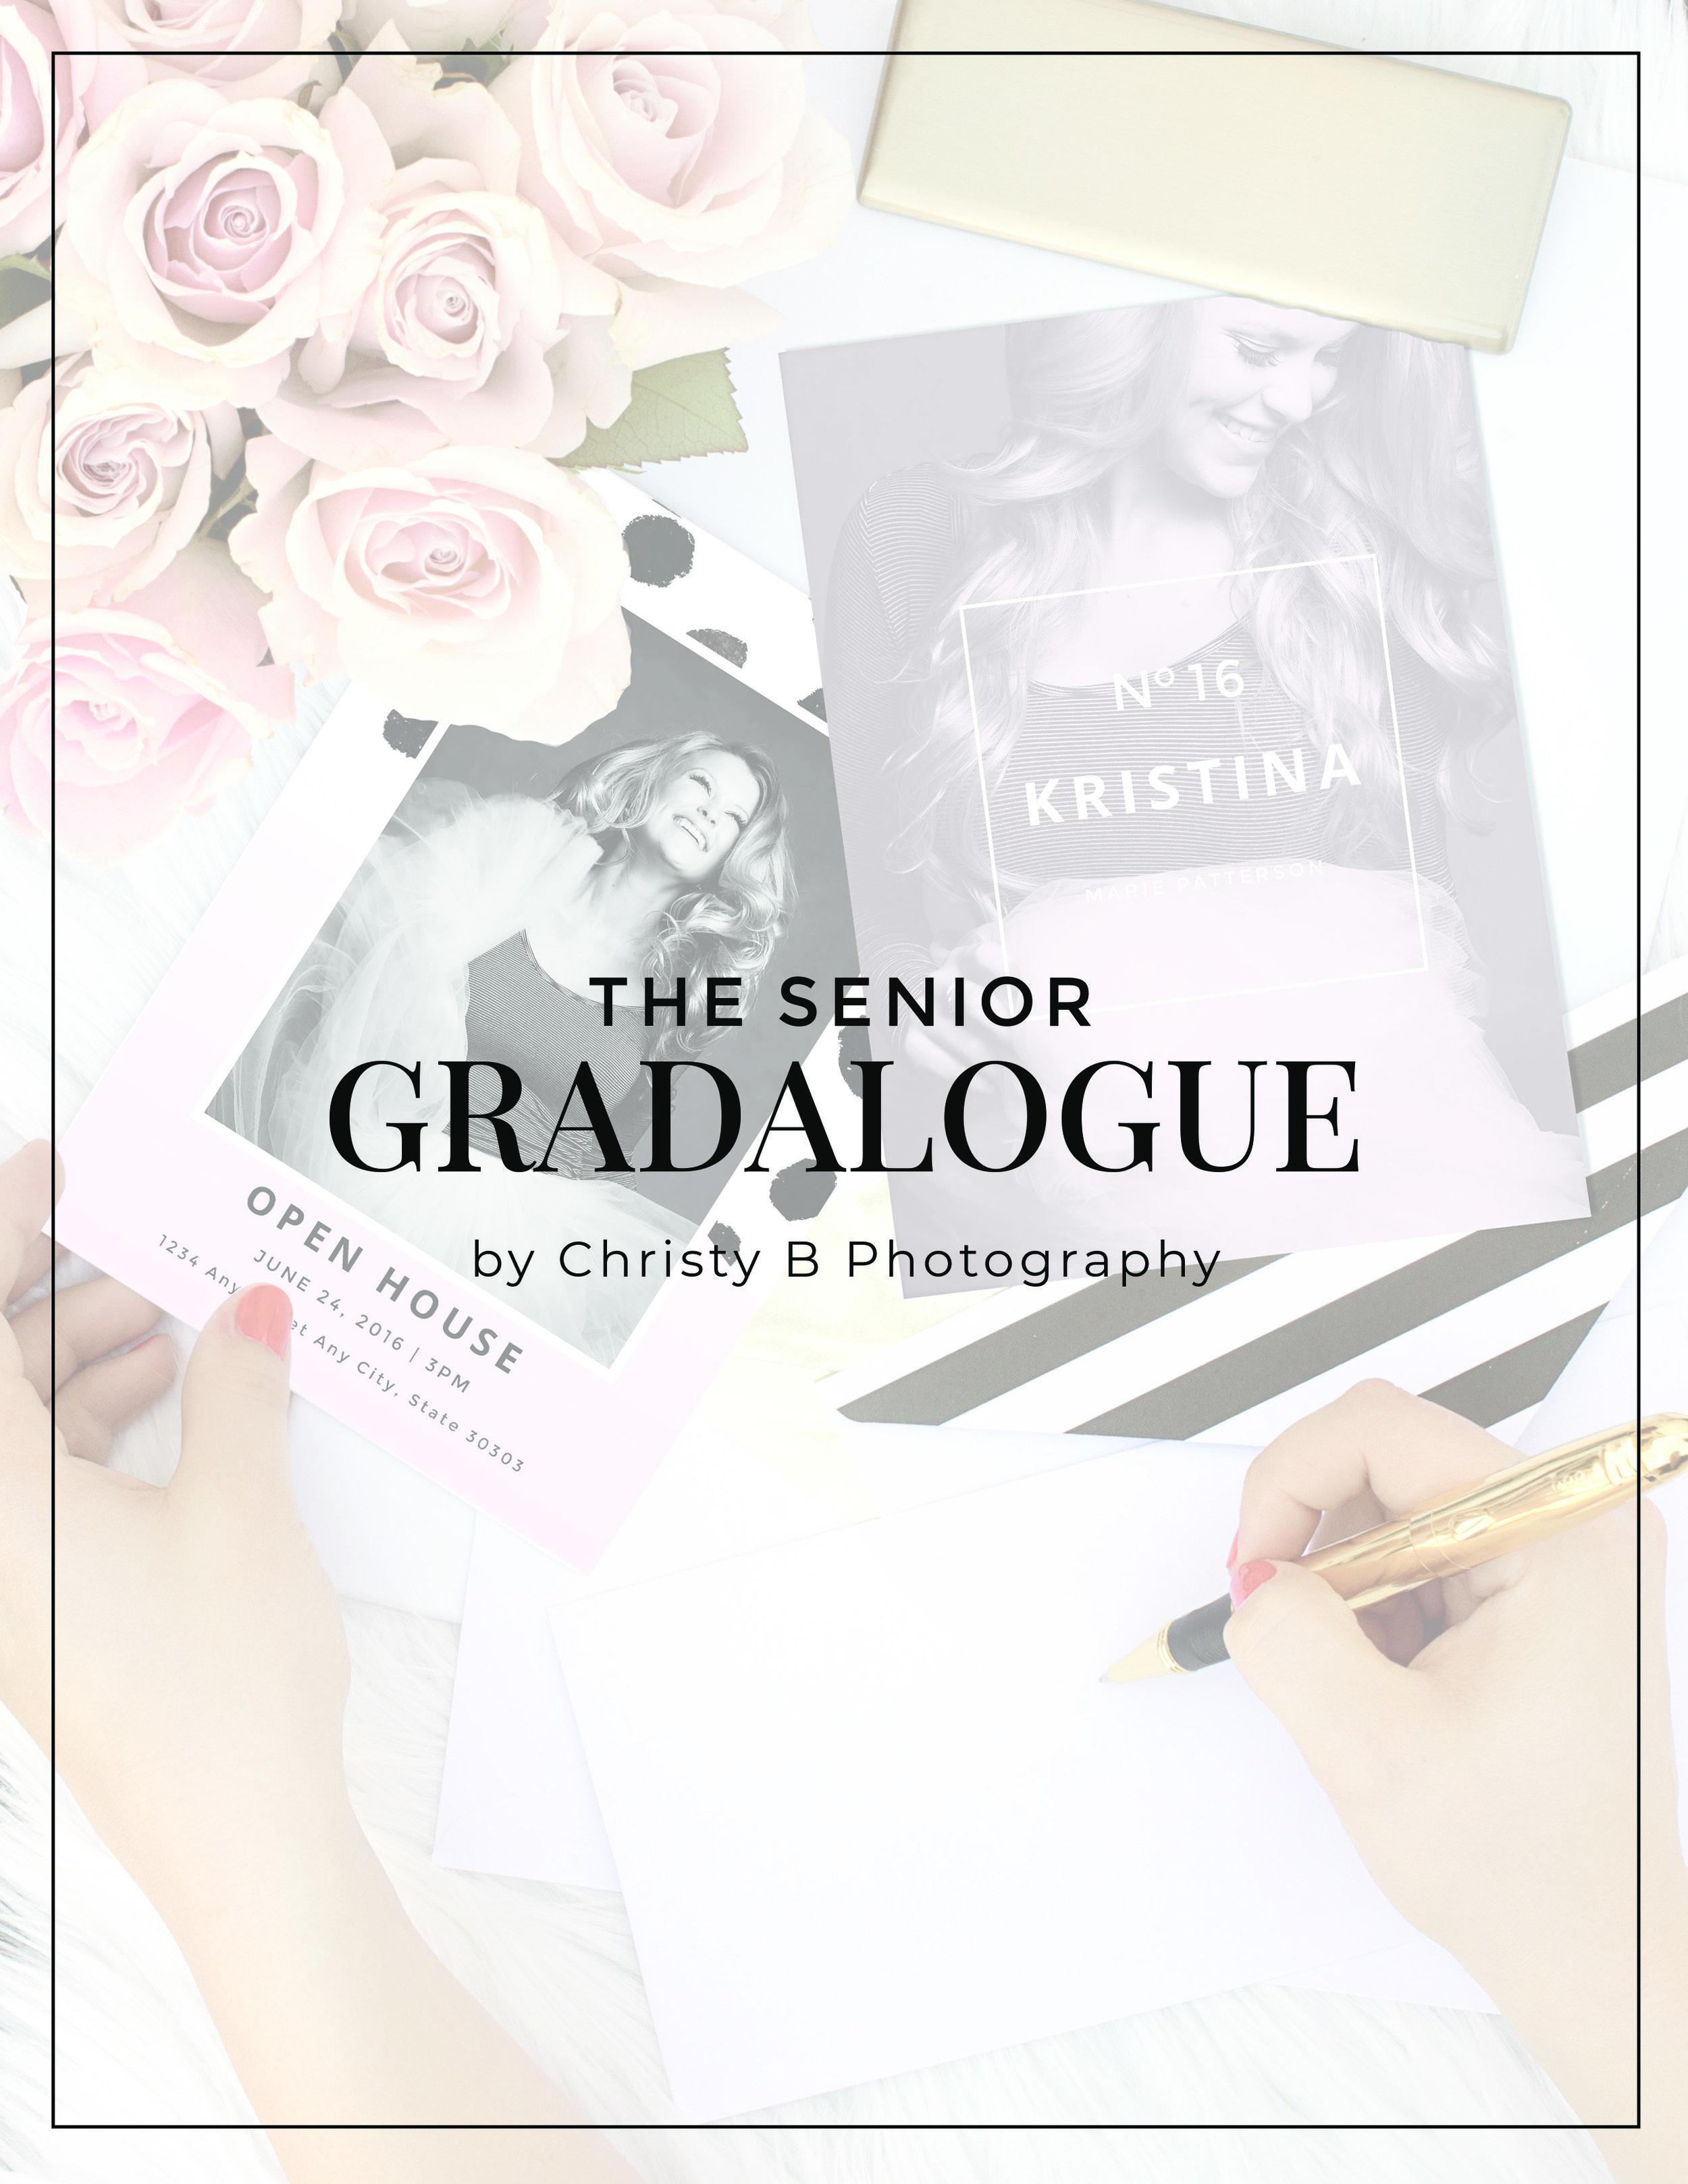 01 - Gradalogue-Cover.jpg